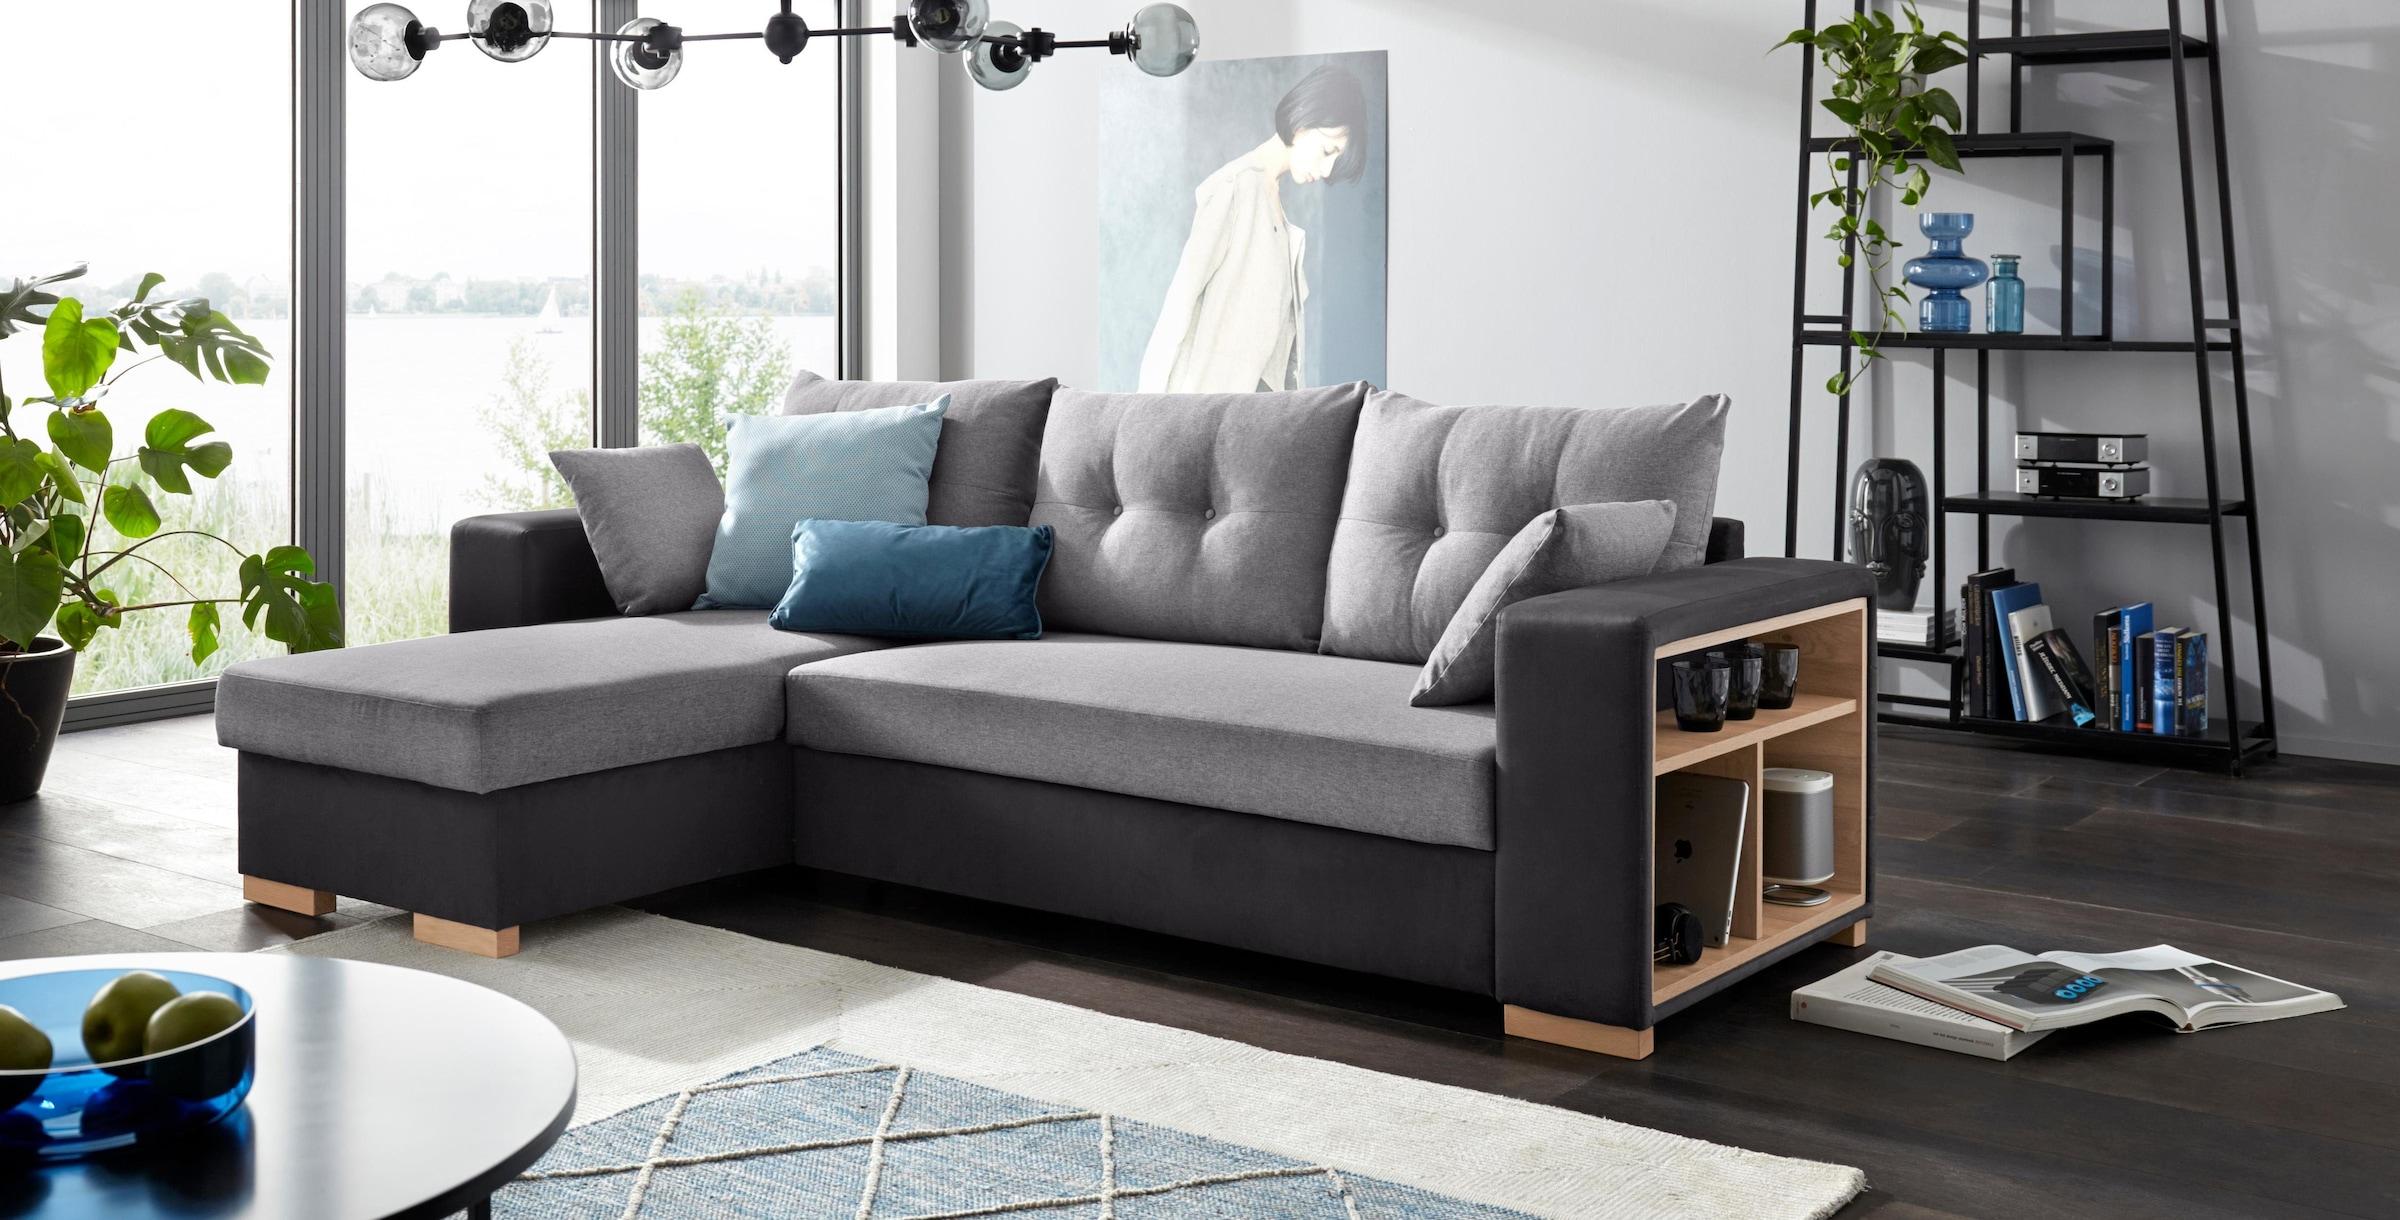 Möbel & Wohnaccessoires Eckcouch CHESS in grau Couch Möbel Wohnlandschaft Ecksofa Wohnzimmer Wohnzimmer